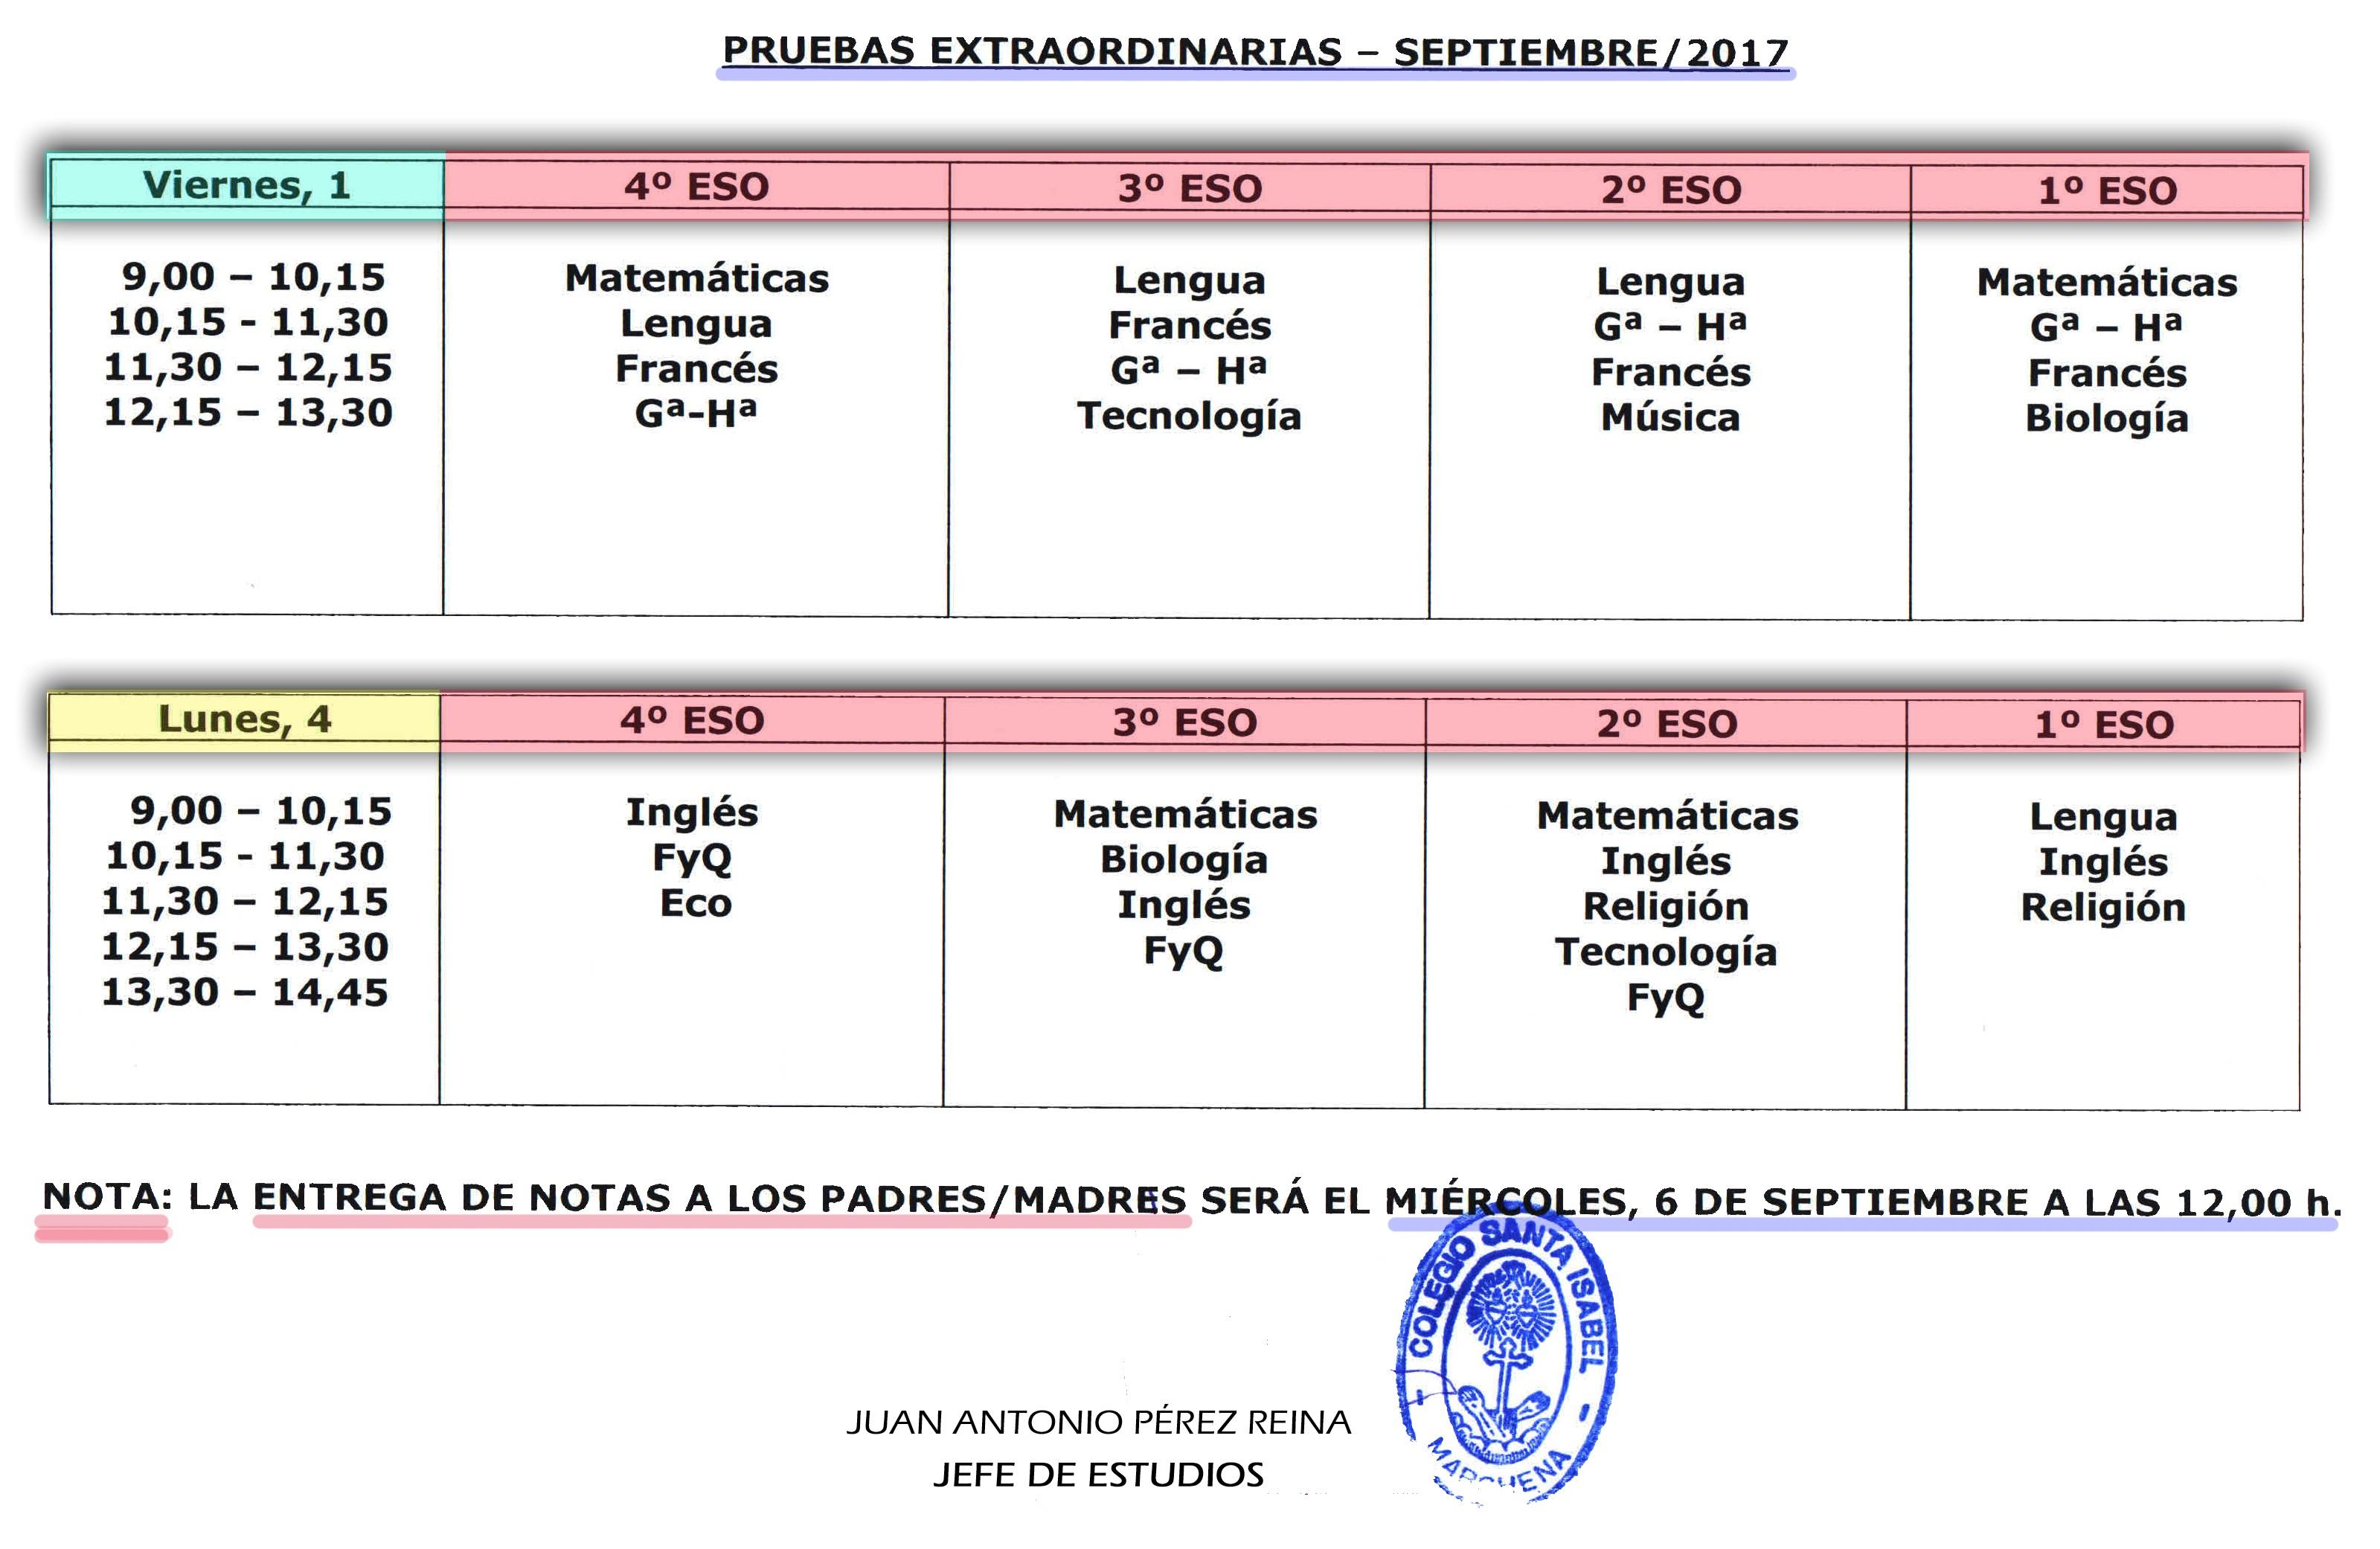 Calendario de Pruebas extraordinarias Septiembre 2017